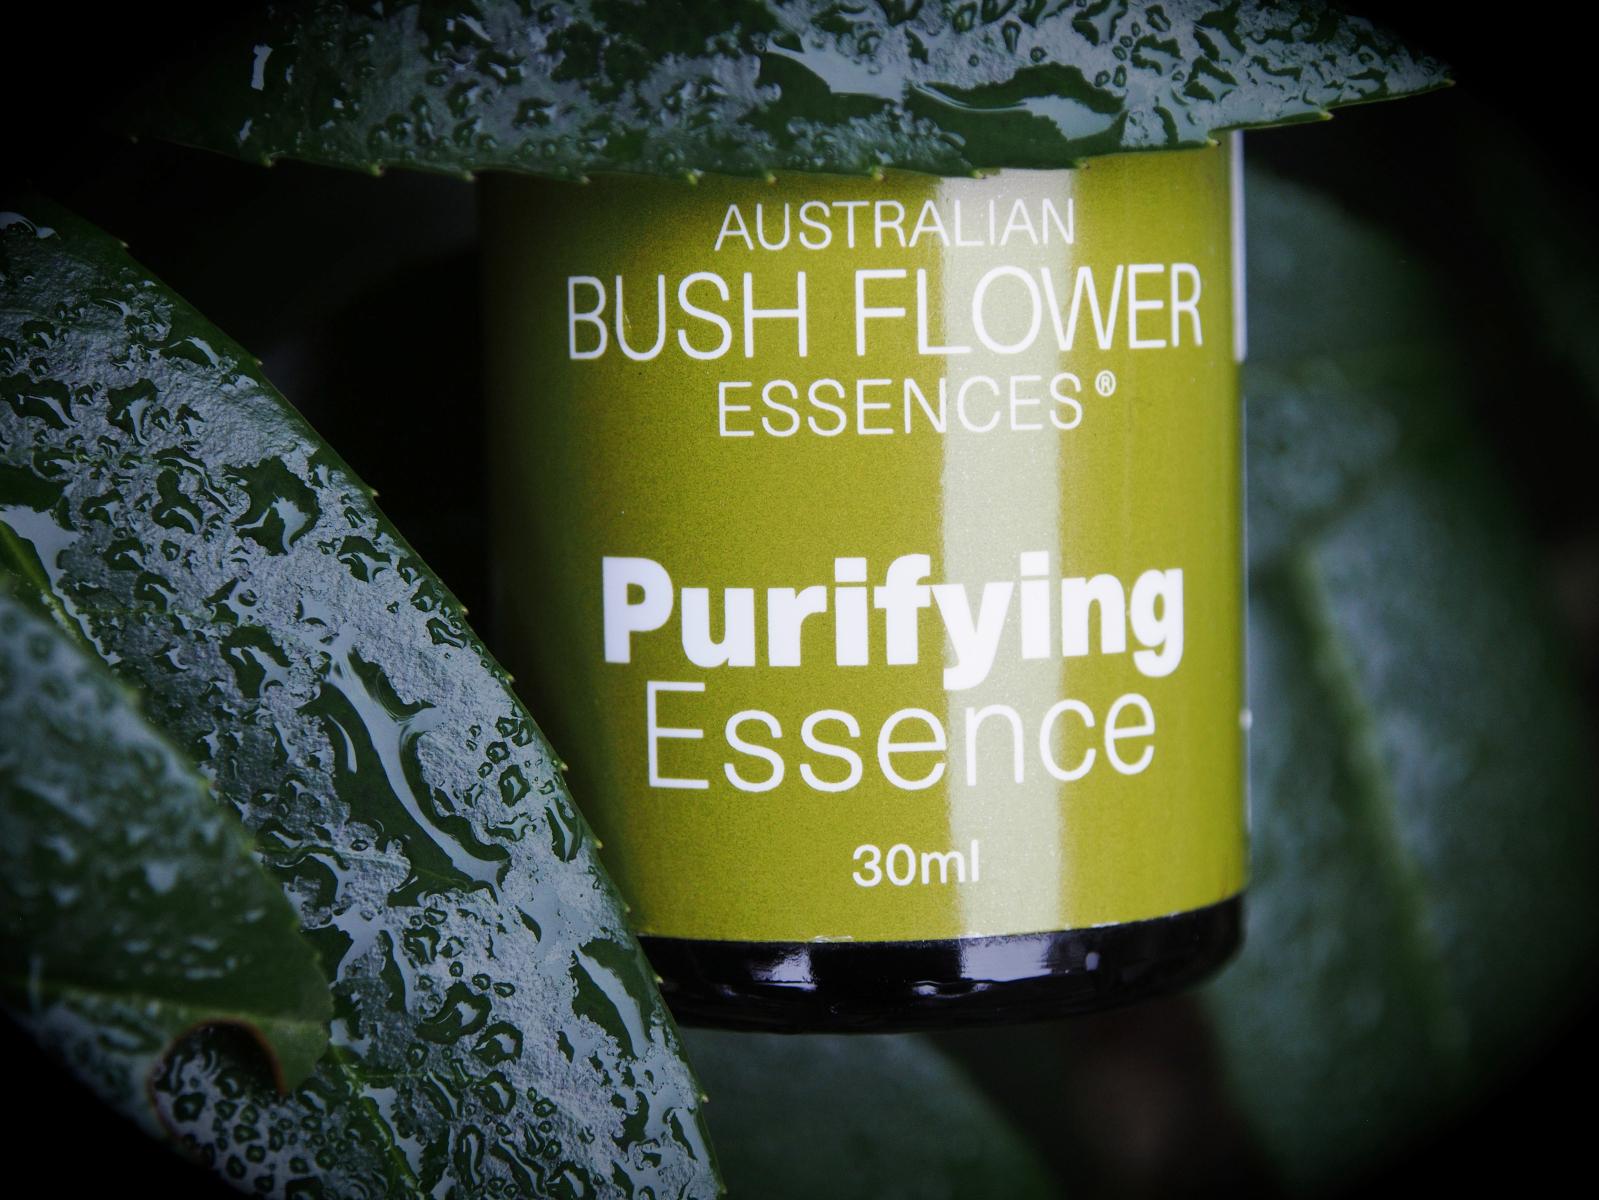 Jak fungují Australské květové esence a recenze směsi Očištění